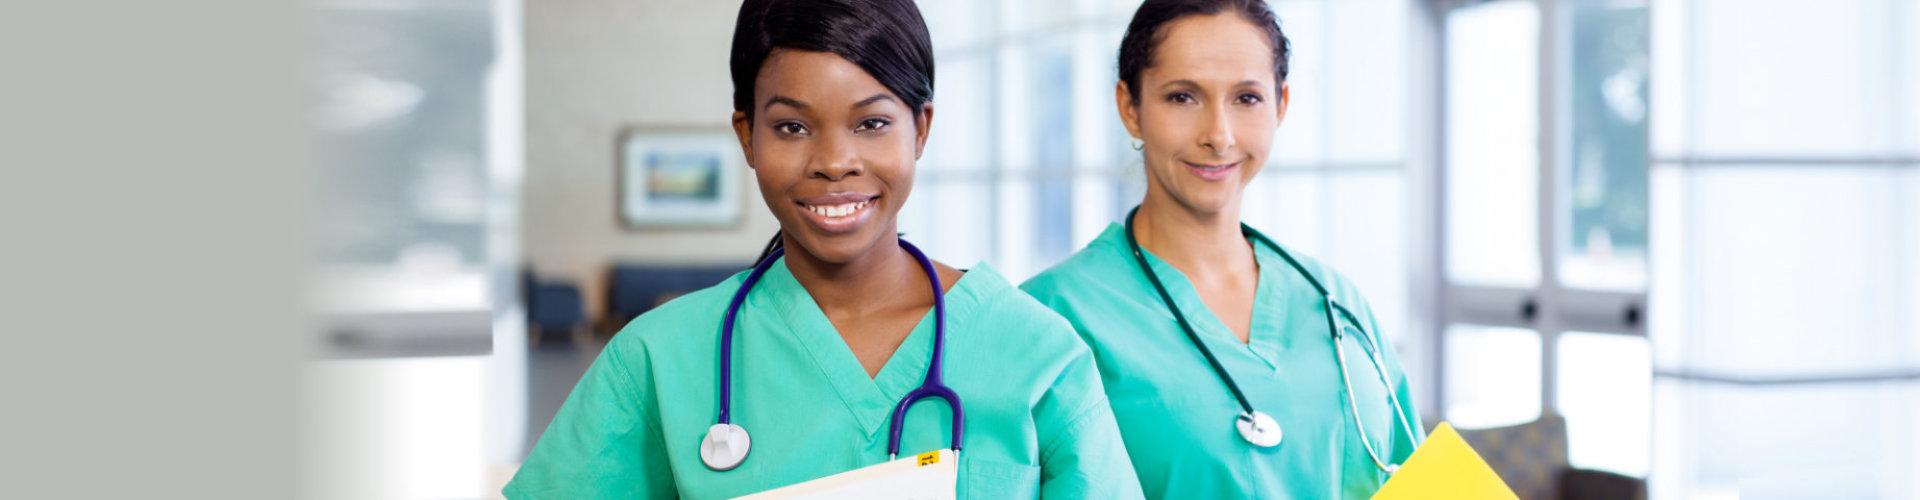 Medical health worker smiling